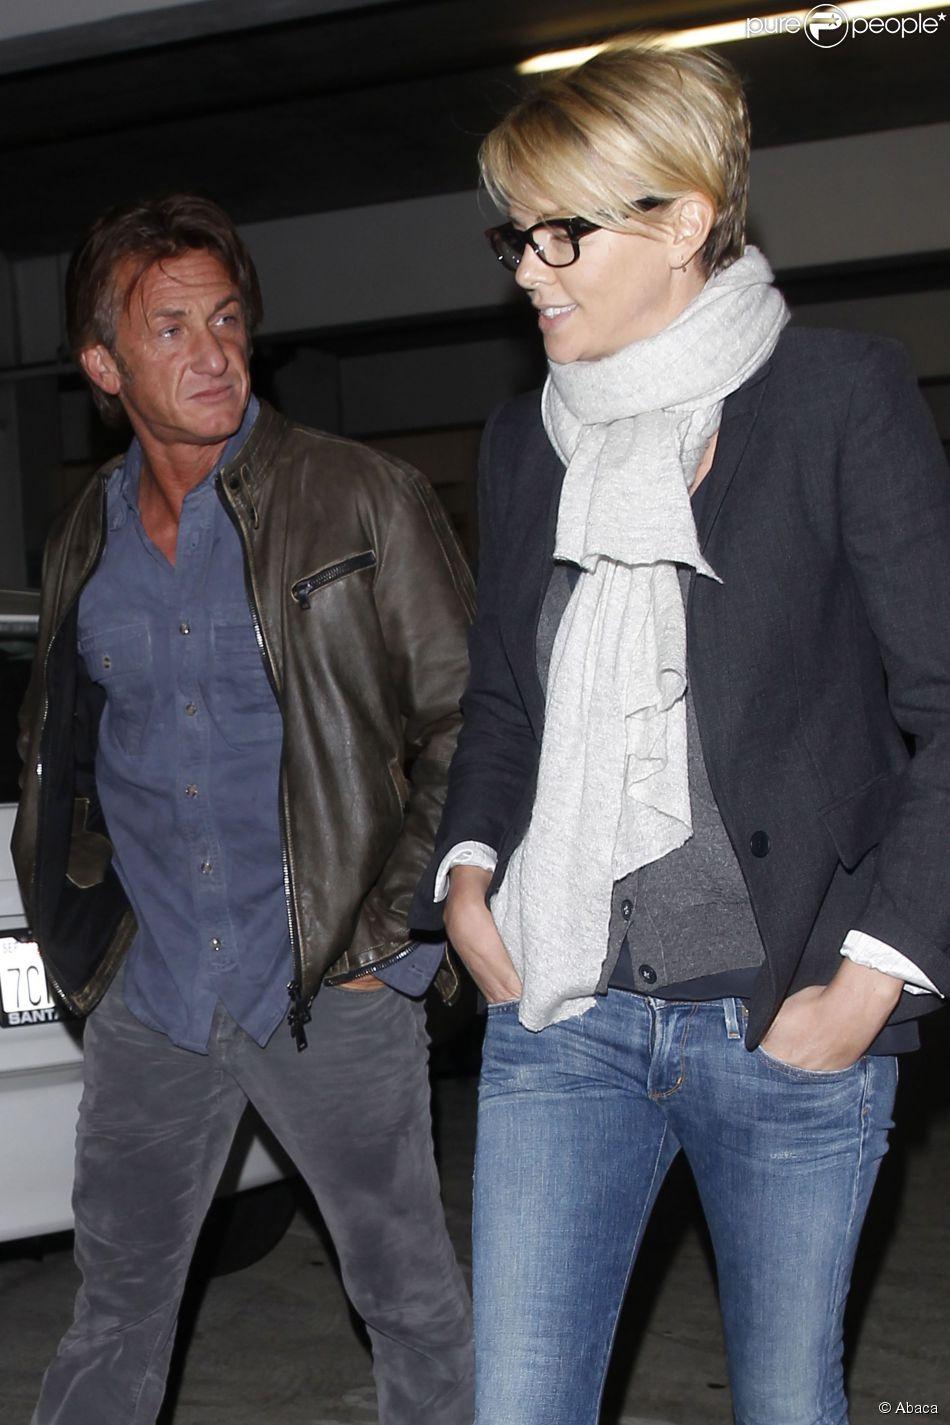 Charlize Theron e Sean Penn já estão planejando casamento. De acordo com o site 'Radar Online', os dois começaram a pensar na cerimônia após Sean se mudar para a acasa de Charlize